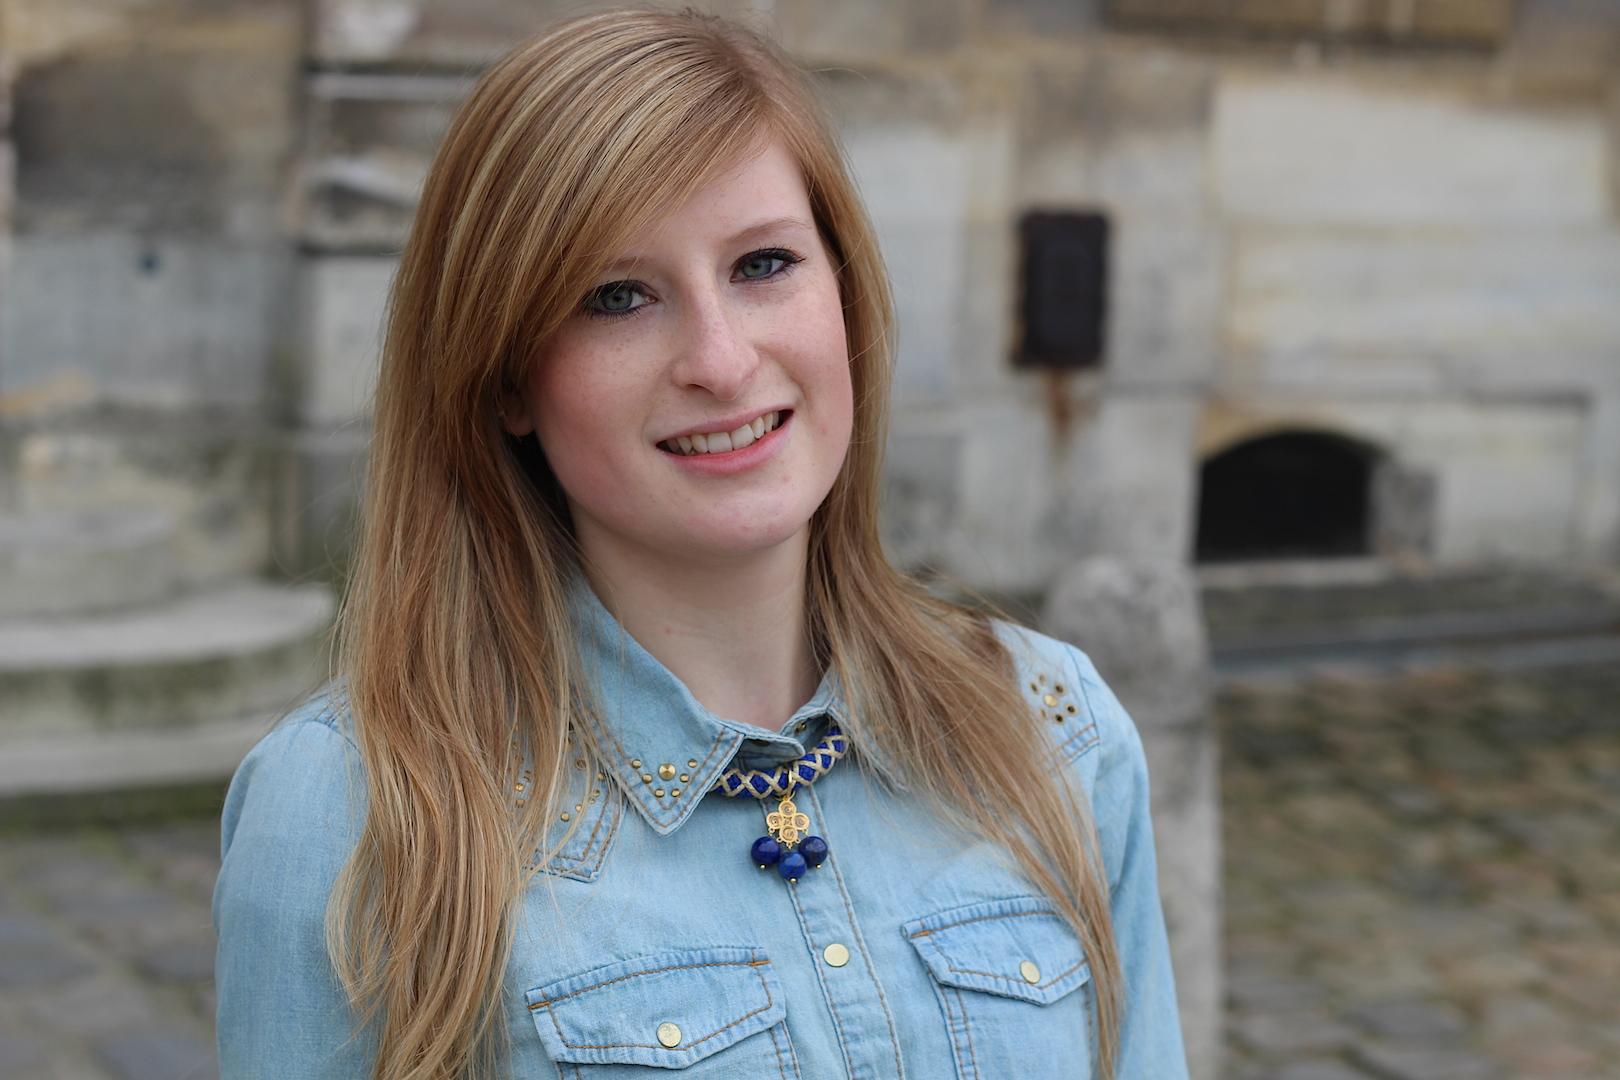 jeans blouse Paris